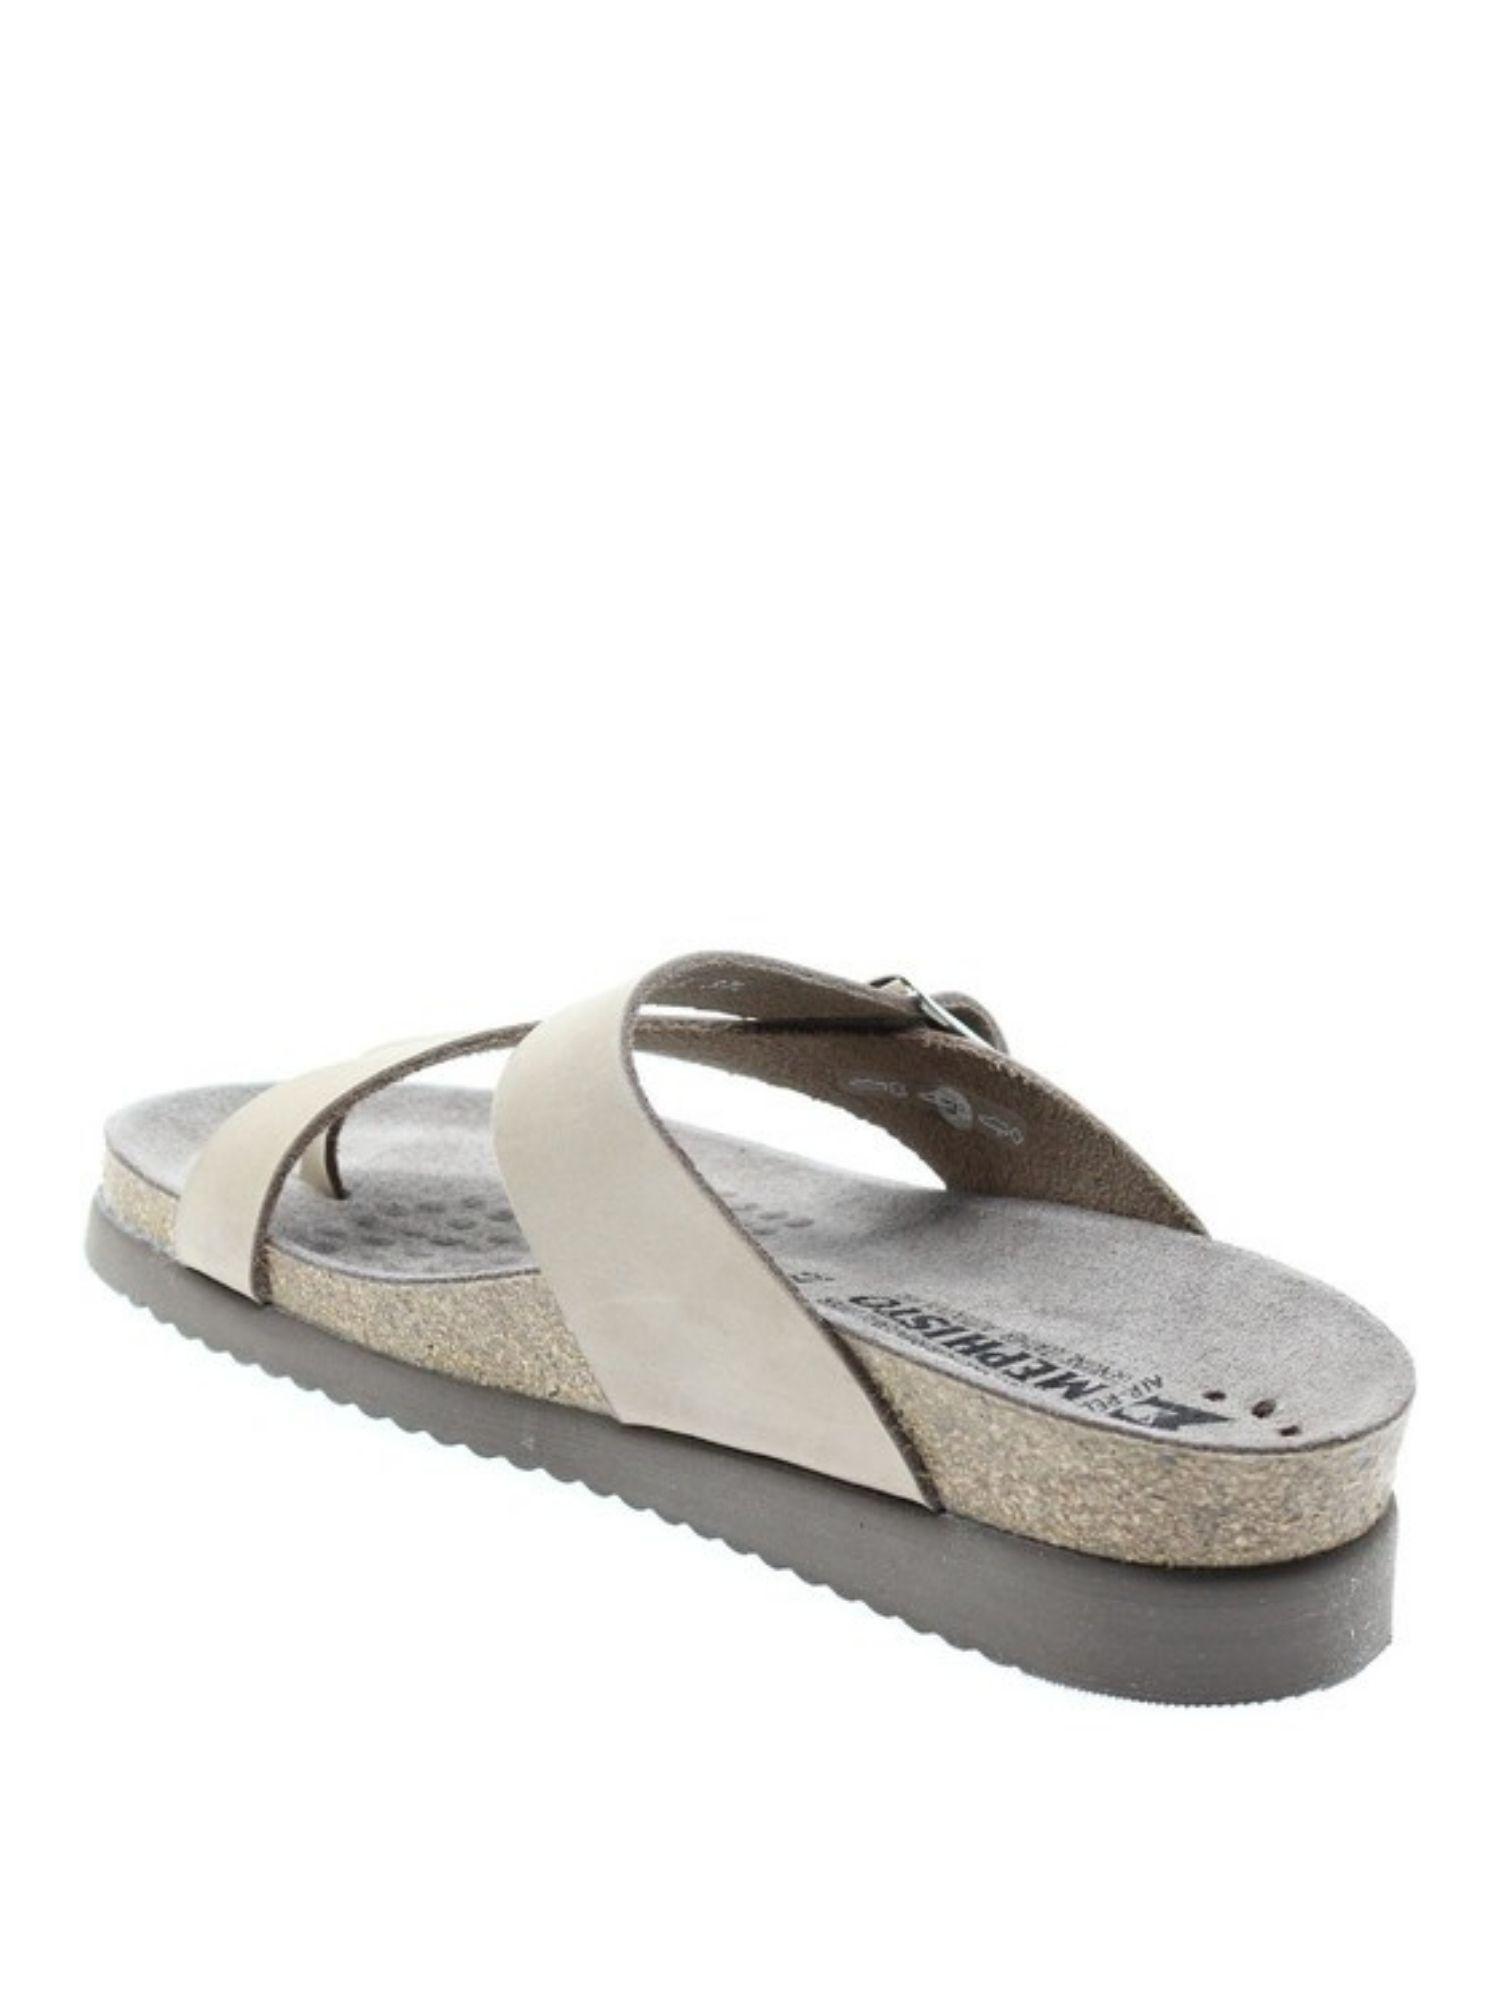 Sandalo Mephisto Helen Light taupe 3 2